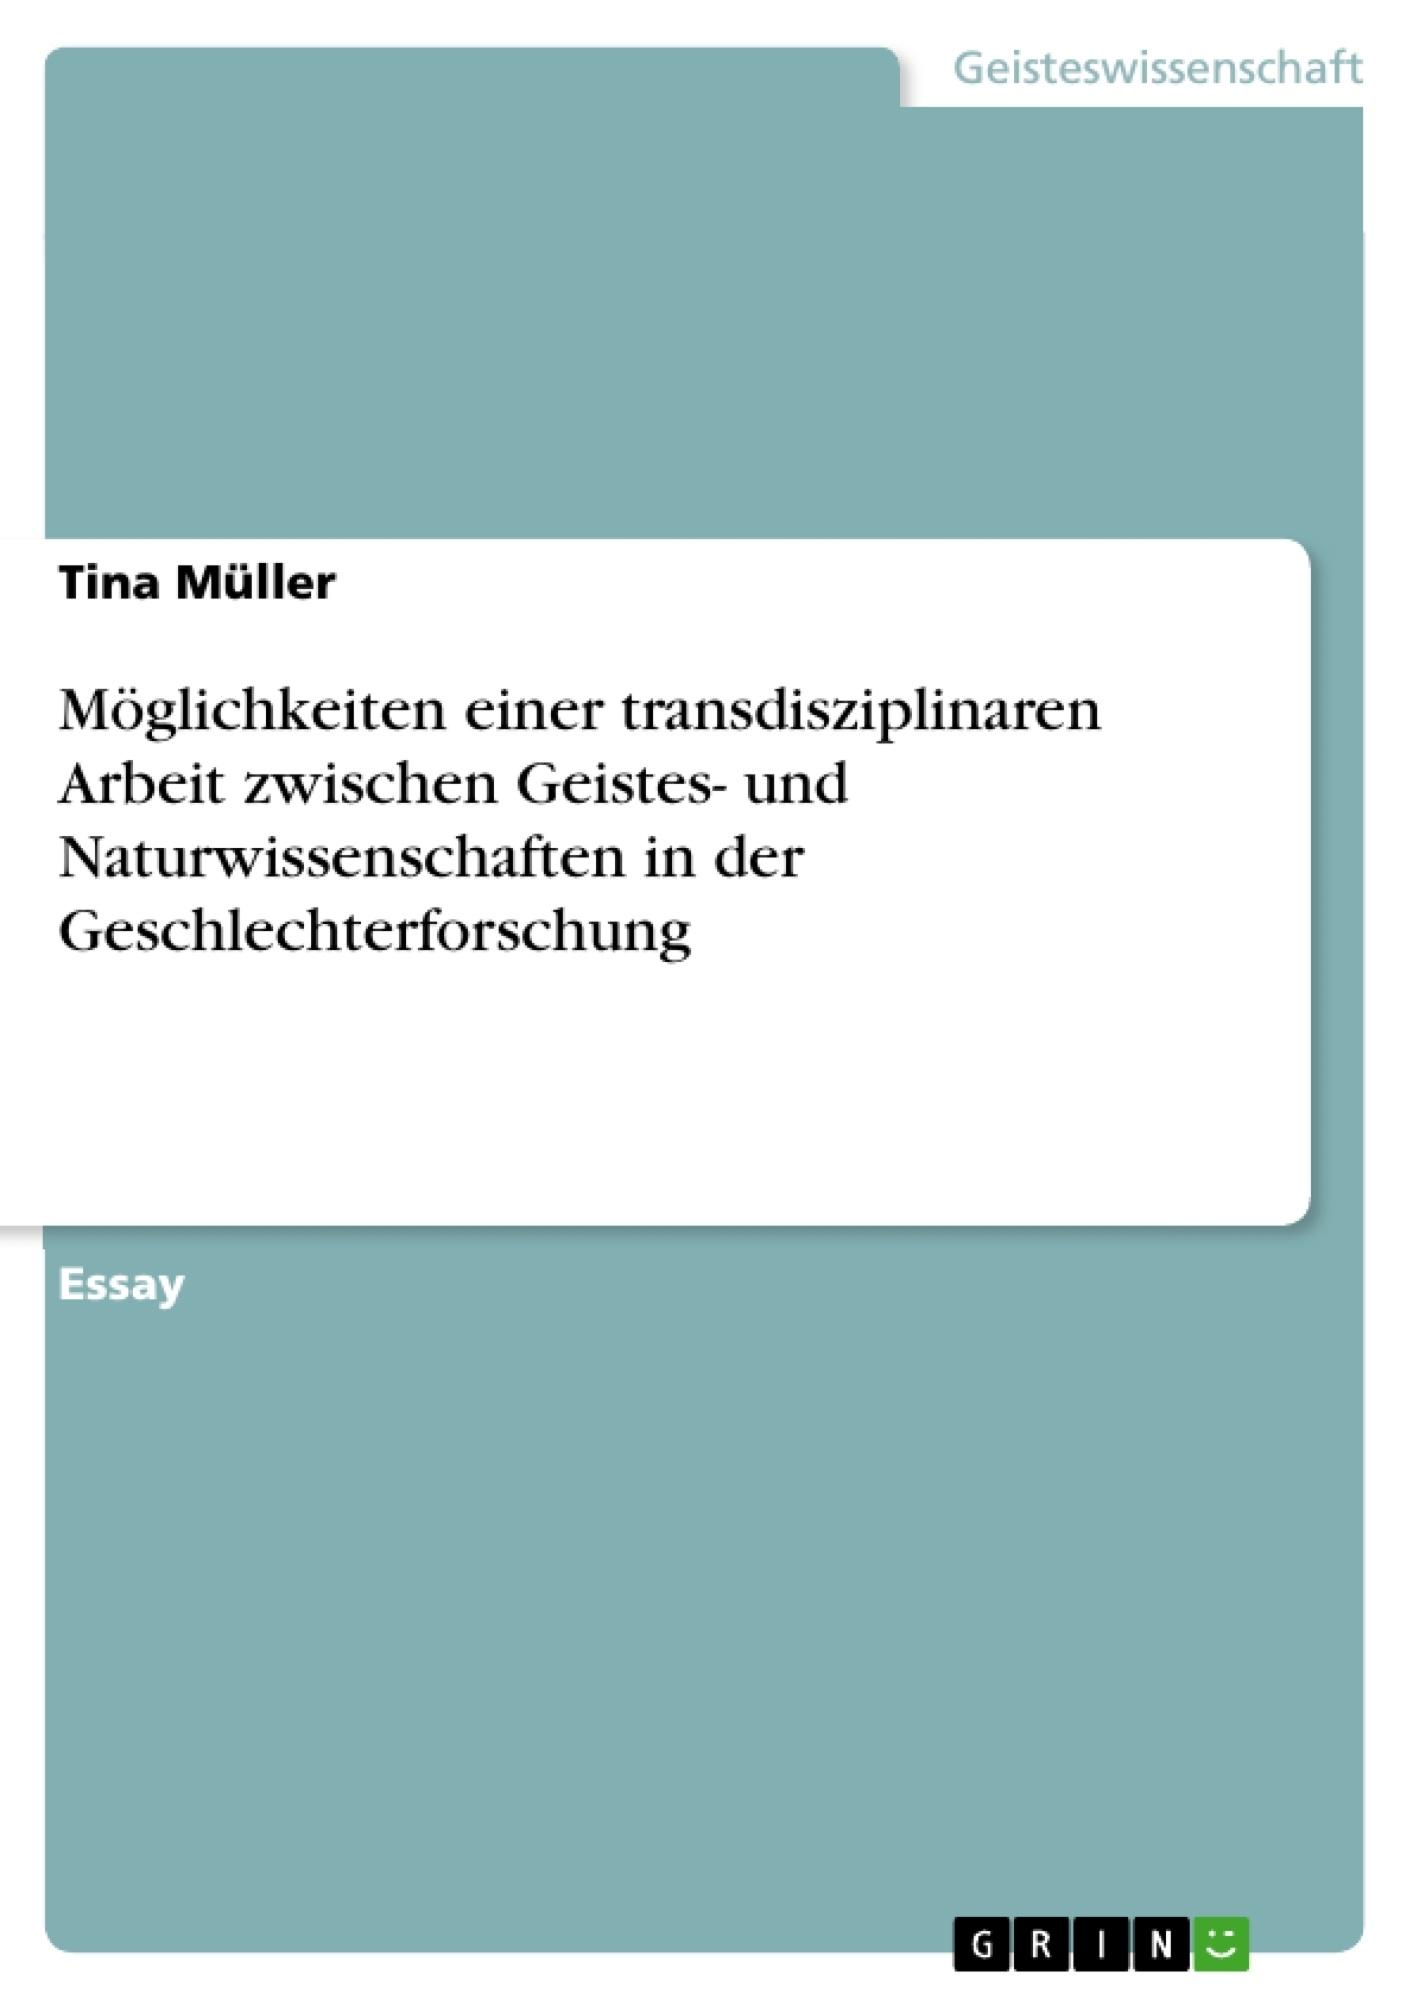 Titel: Möglichkeiten einer transdisziplinaren Arbeit zwischen Geistes- und Naturwissenschaften in der Geschlechterforschung